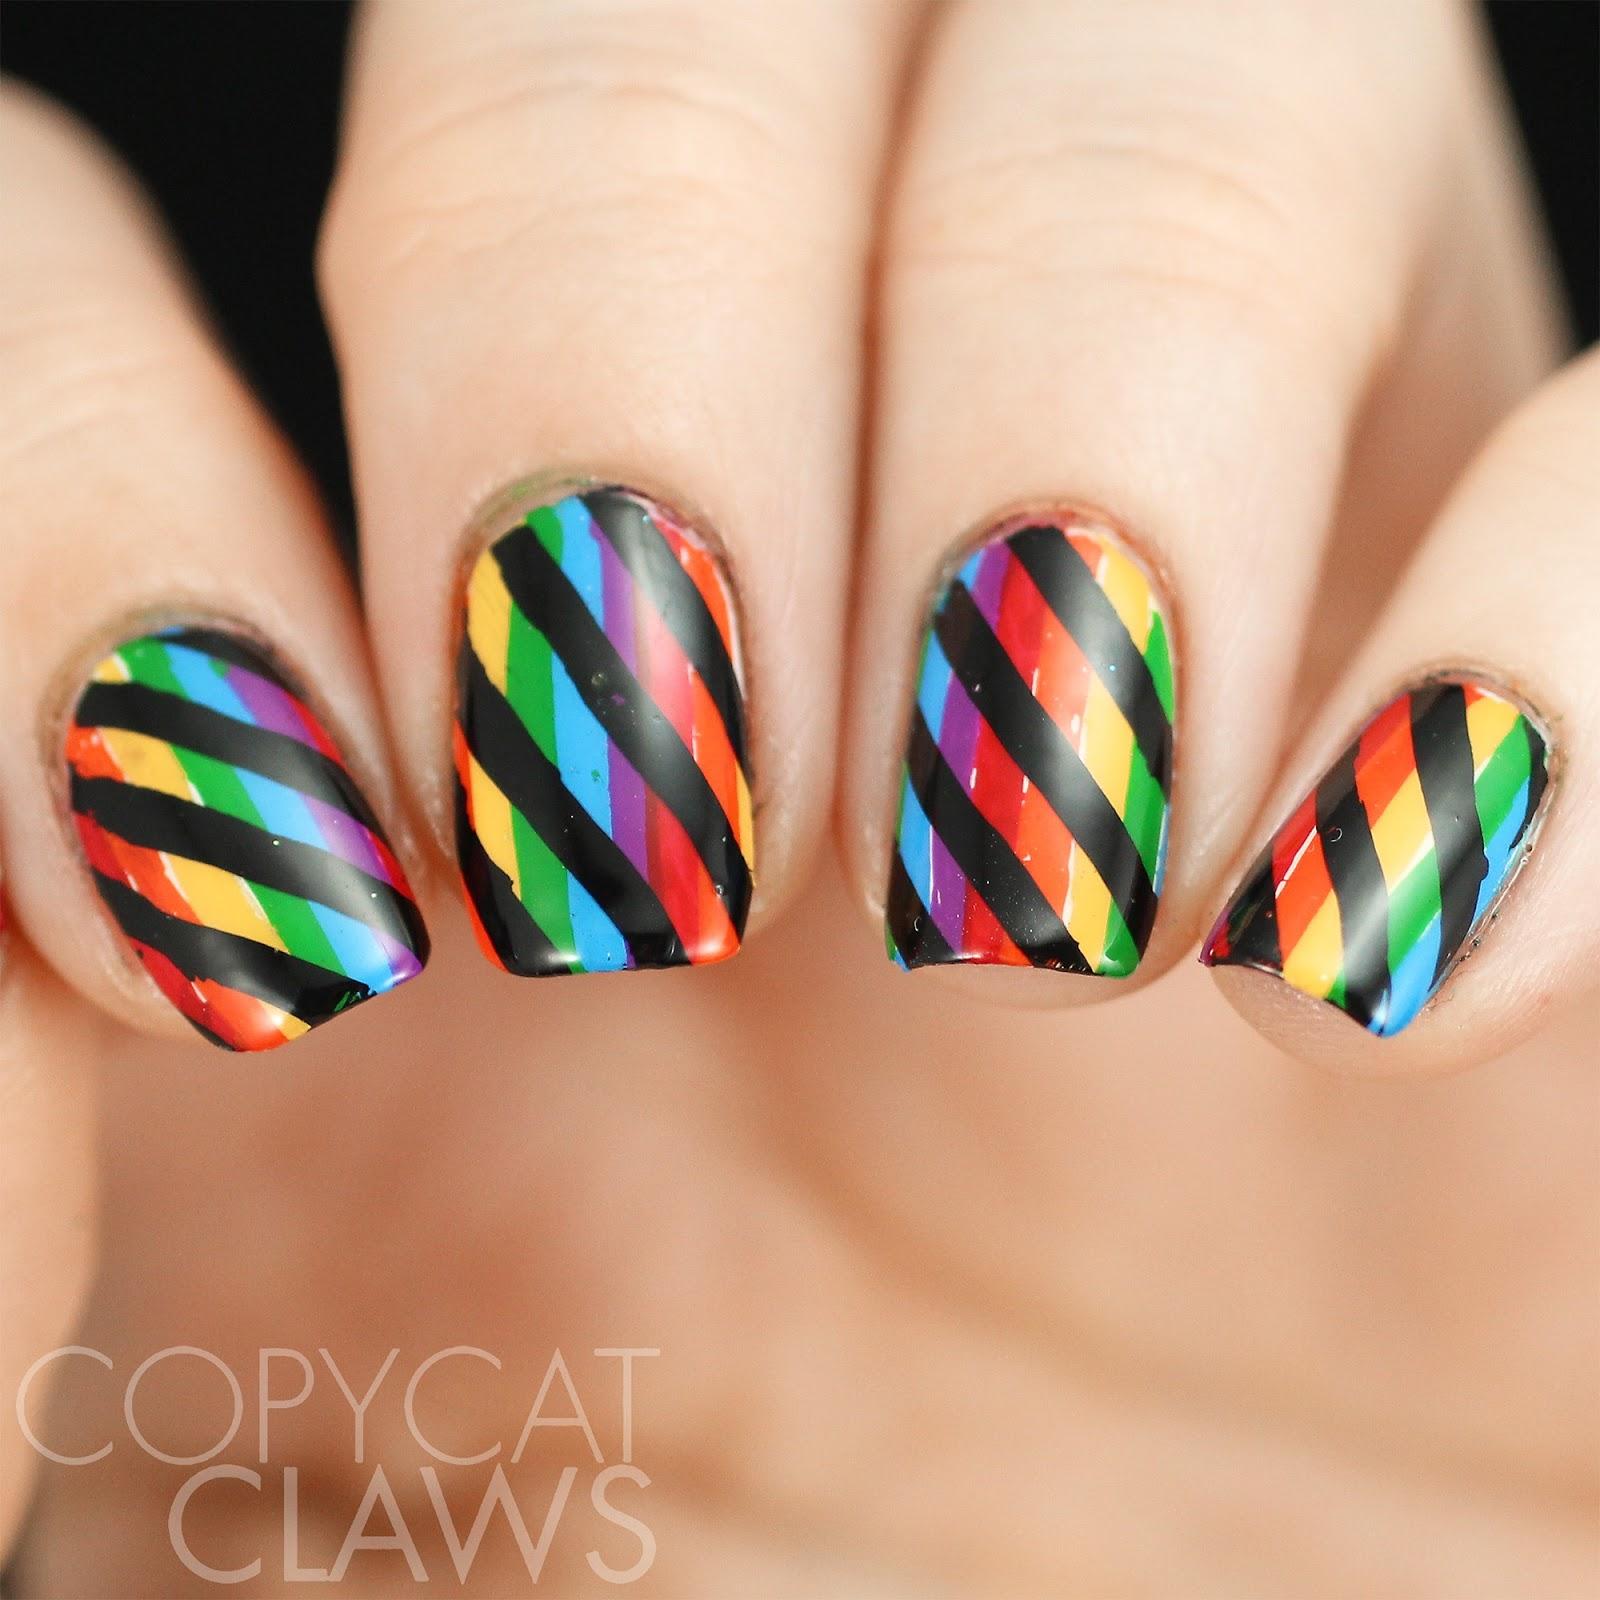 Copycat Claws Blue Color Block Nail Art: Copycat Claws: Nail Crazies Unite